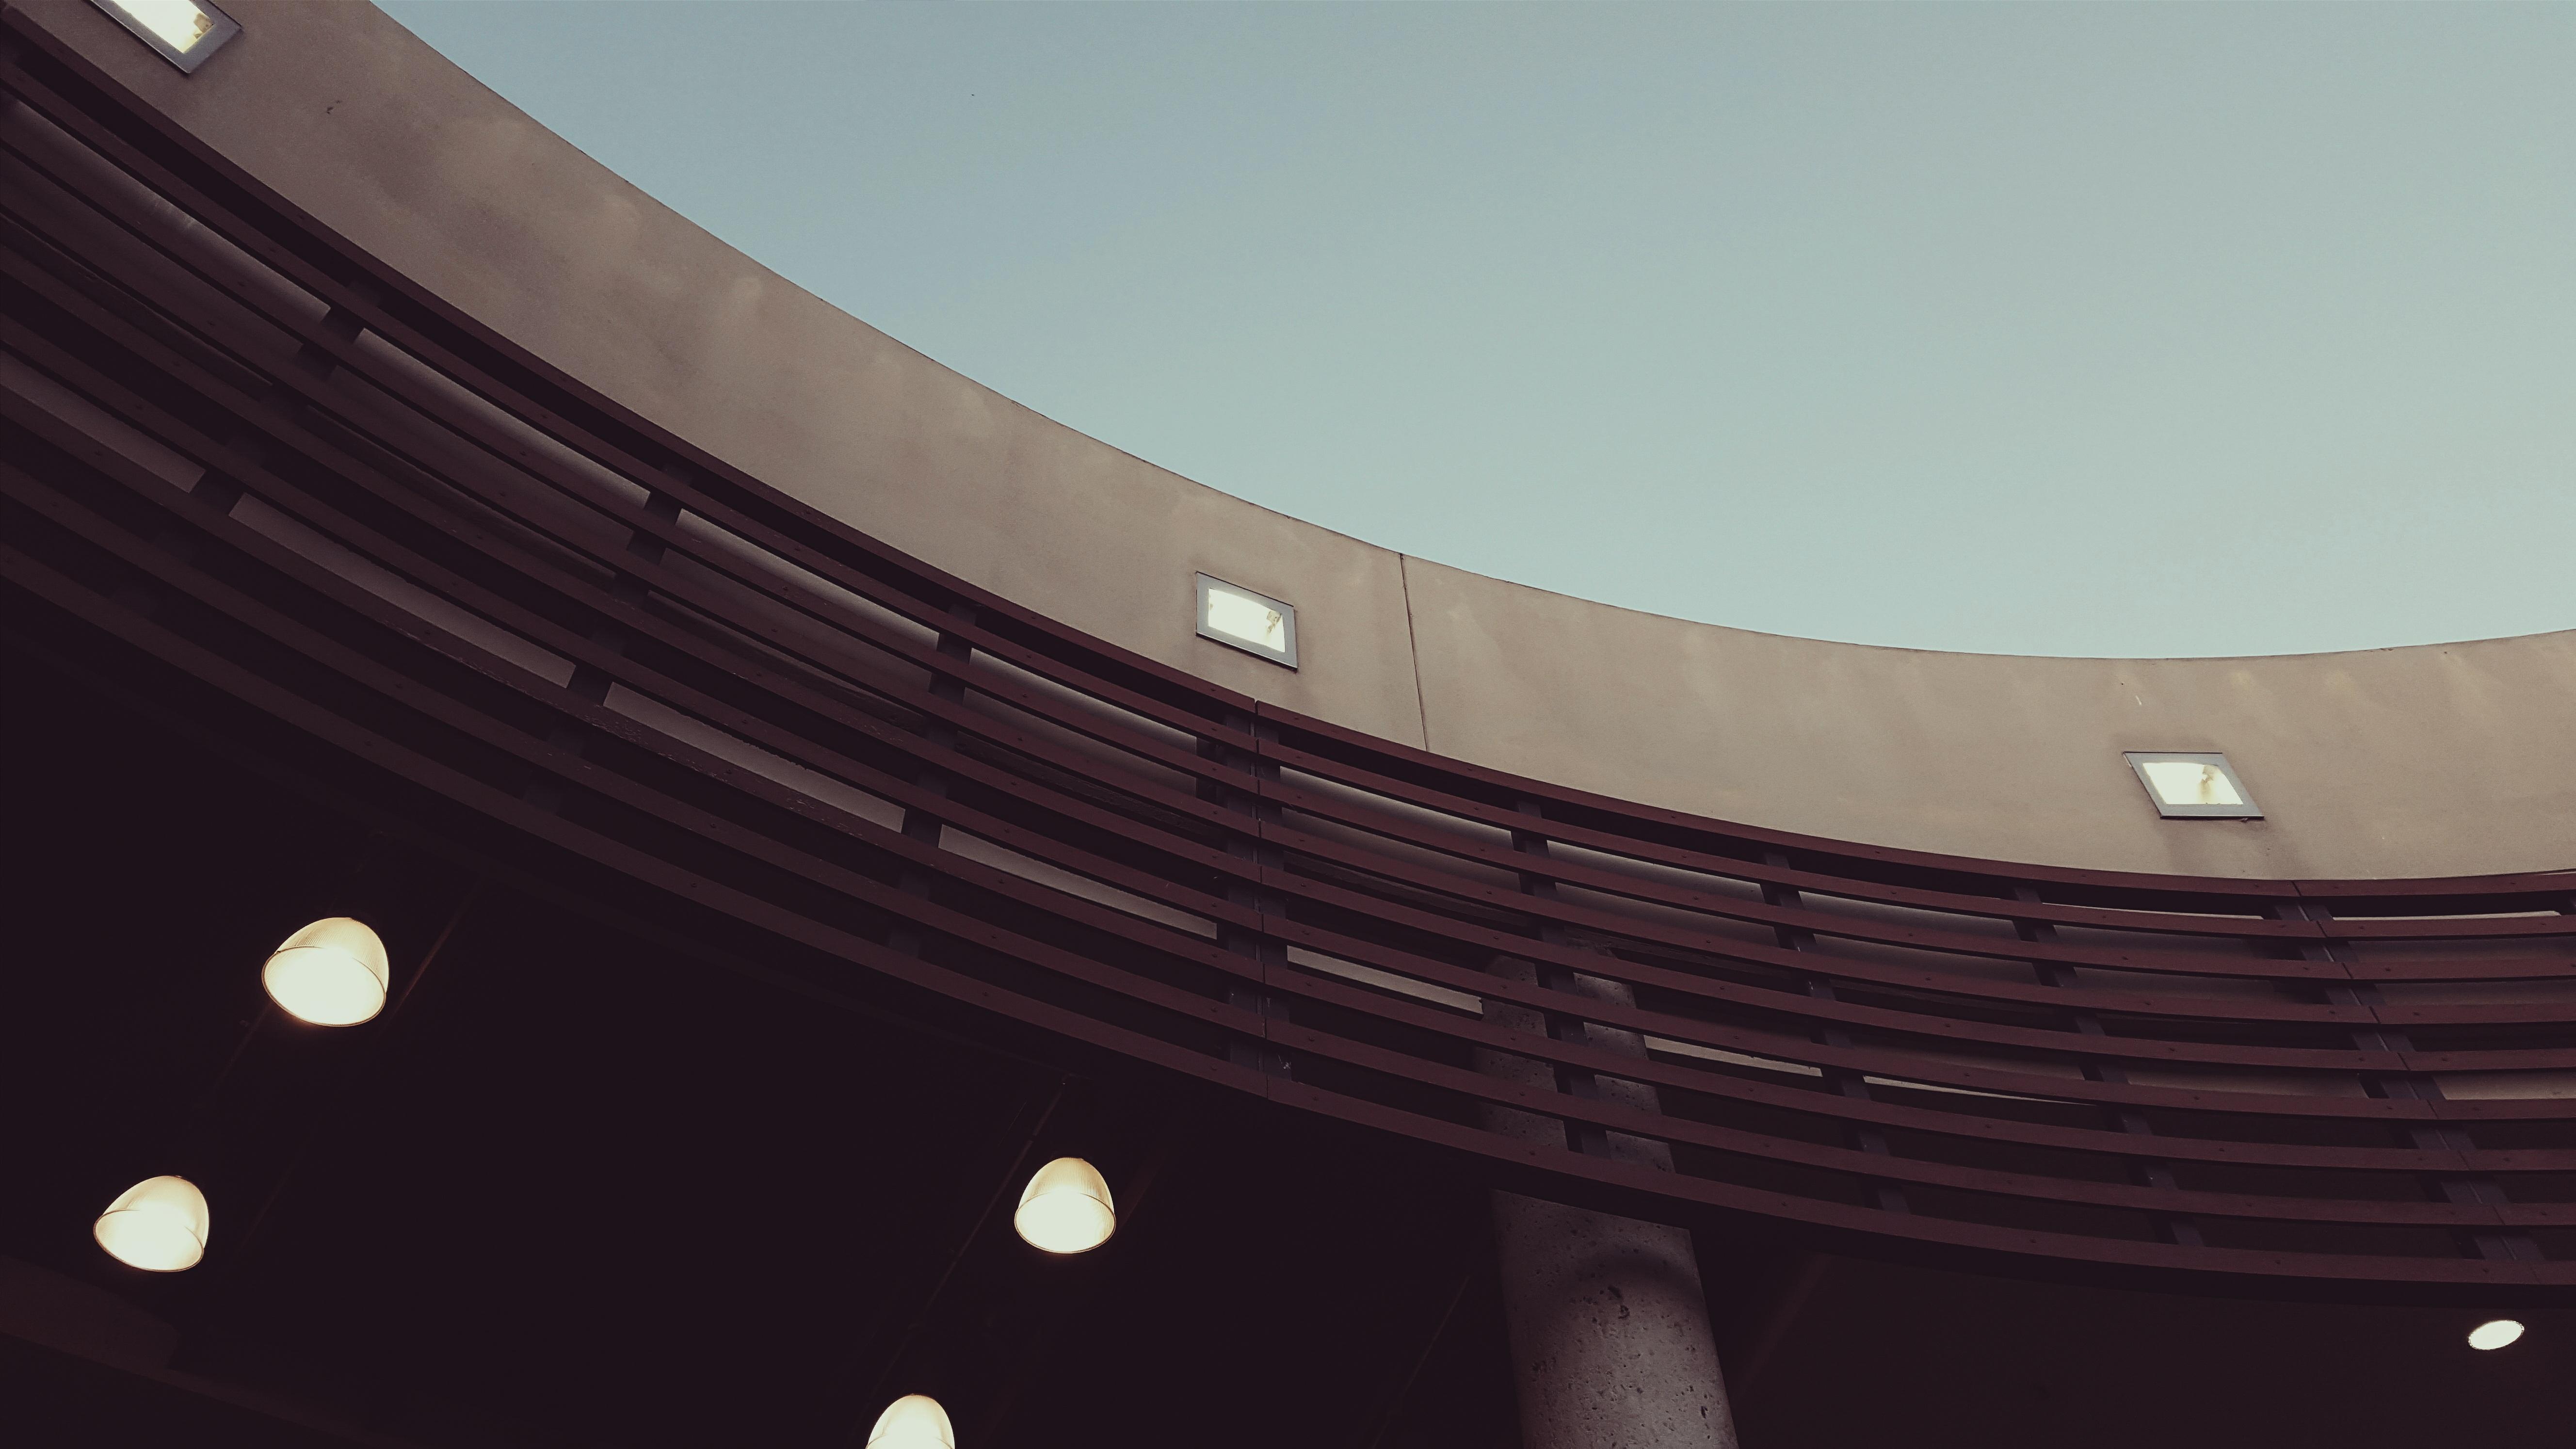 光 建築 構造 木材 建物 天井 ライン 曲線 点灯 サークル 形状 昼光